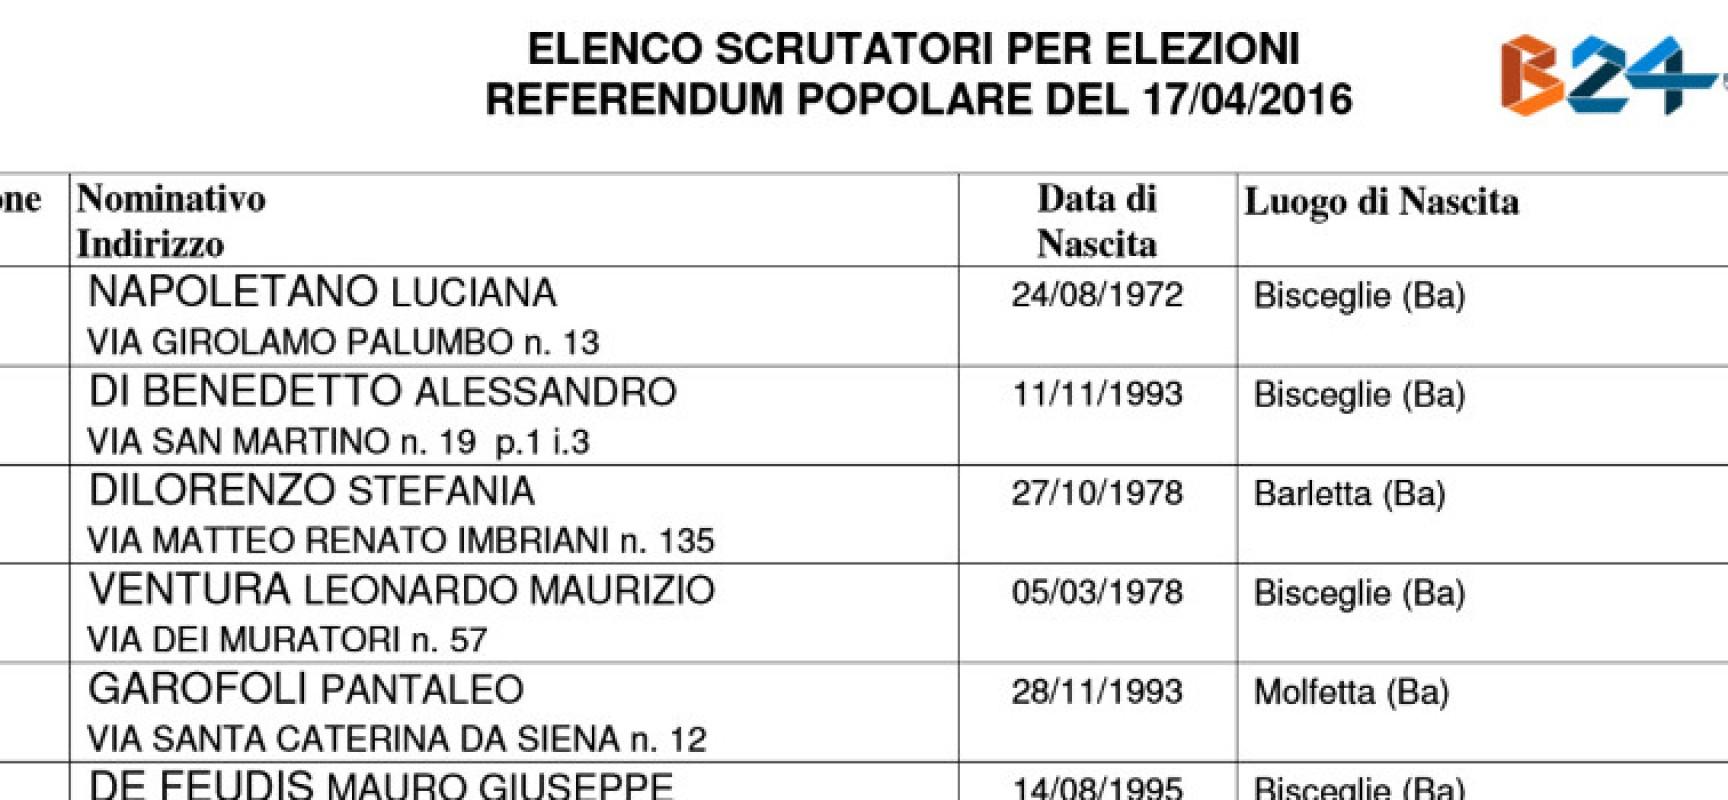 Referendum del 17 aprile, ecco gli scrutatori sorteggiati /ELENCO